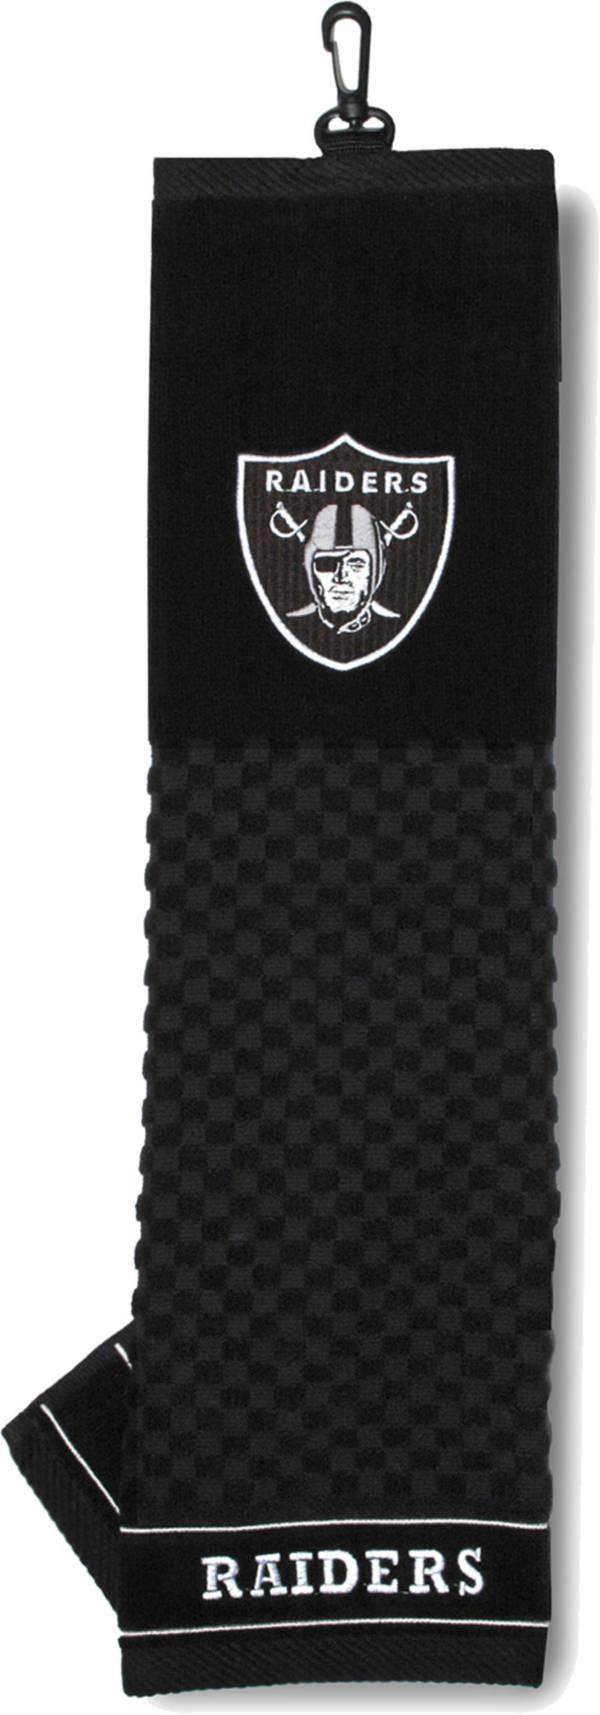 Team Golf Las Vegas Raiders Embroidered NFL Towel product image